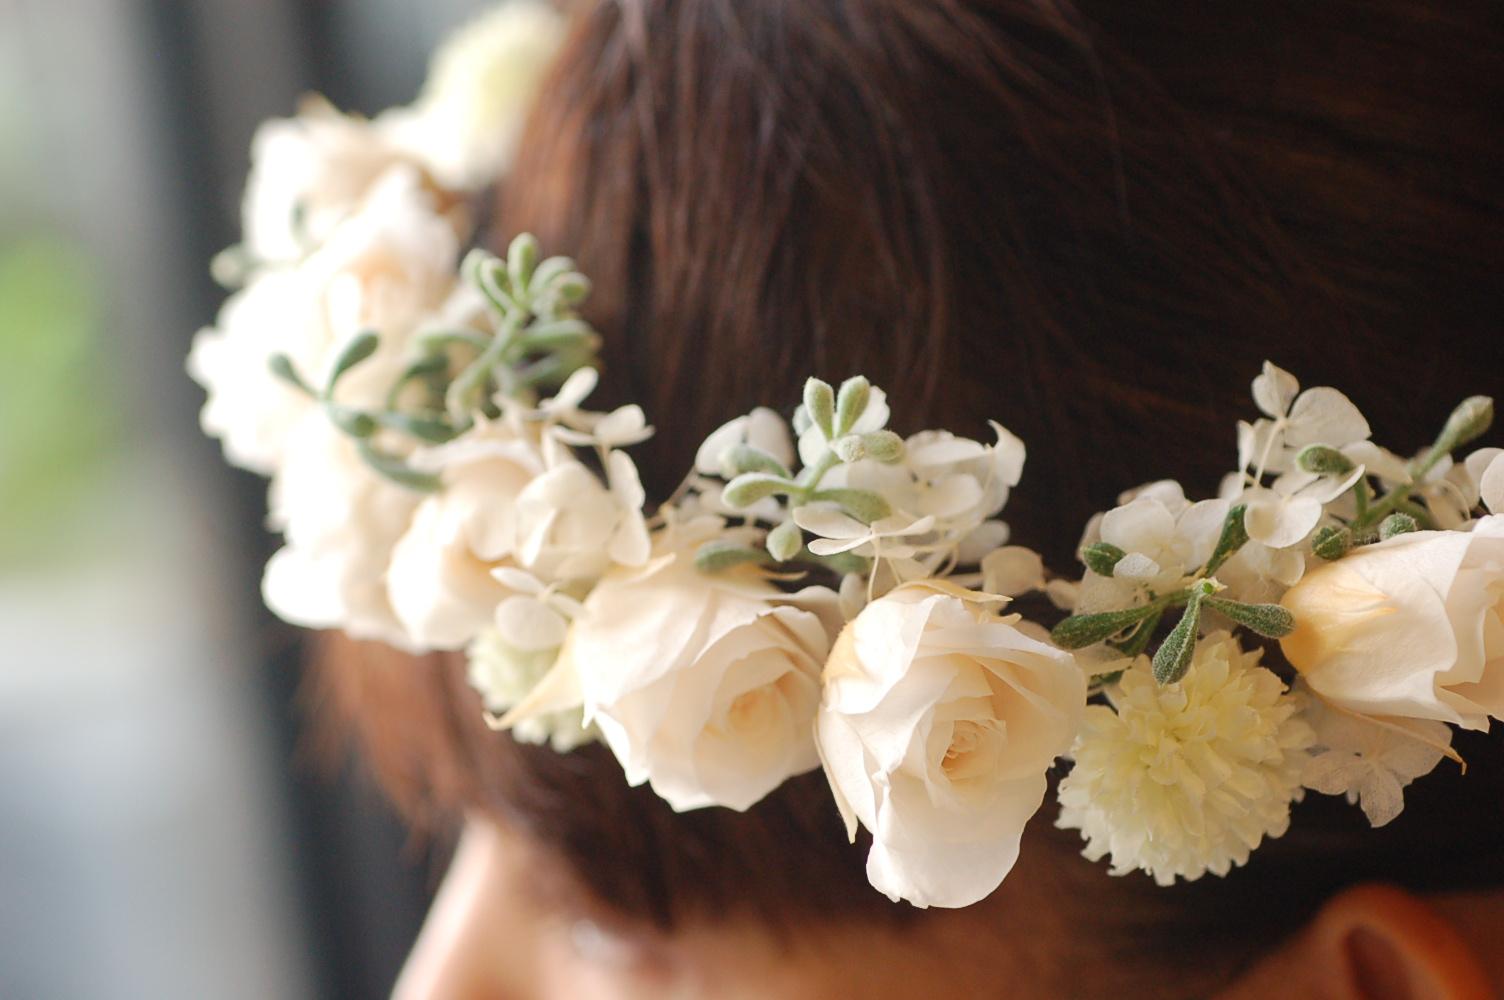 プリザーブドフラワーの花冠 ♫_a0060141_1472076.jpg